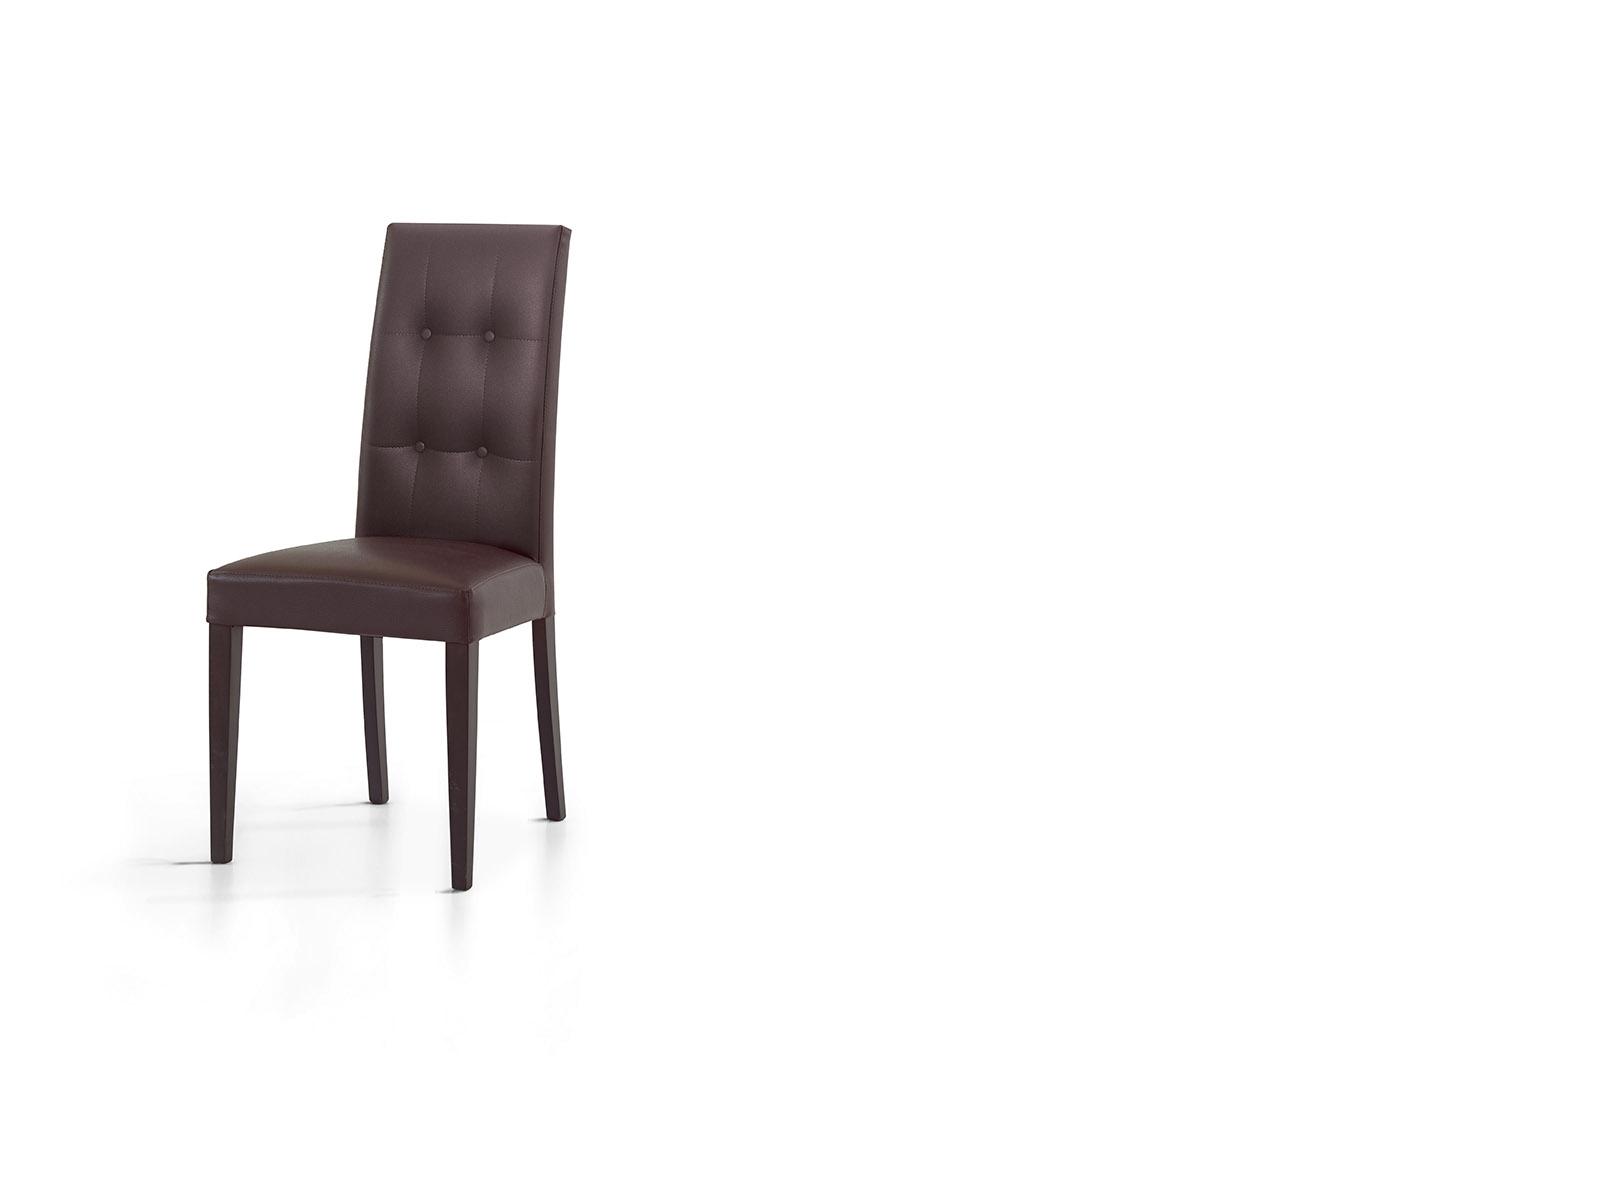 Sedia verona ecopelle design sedie a prezzi scontati for Sedie soggiorno economiche